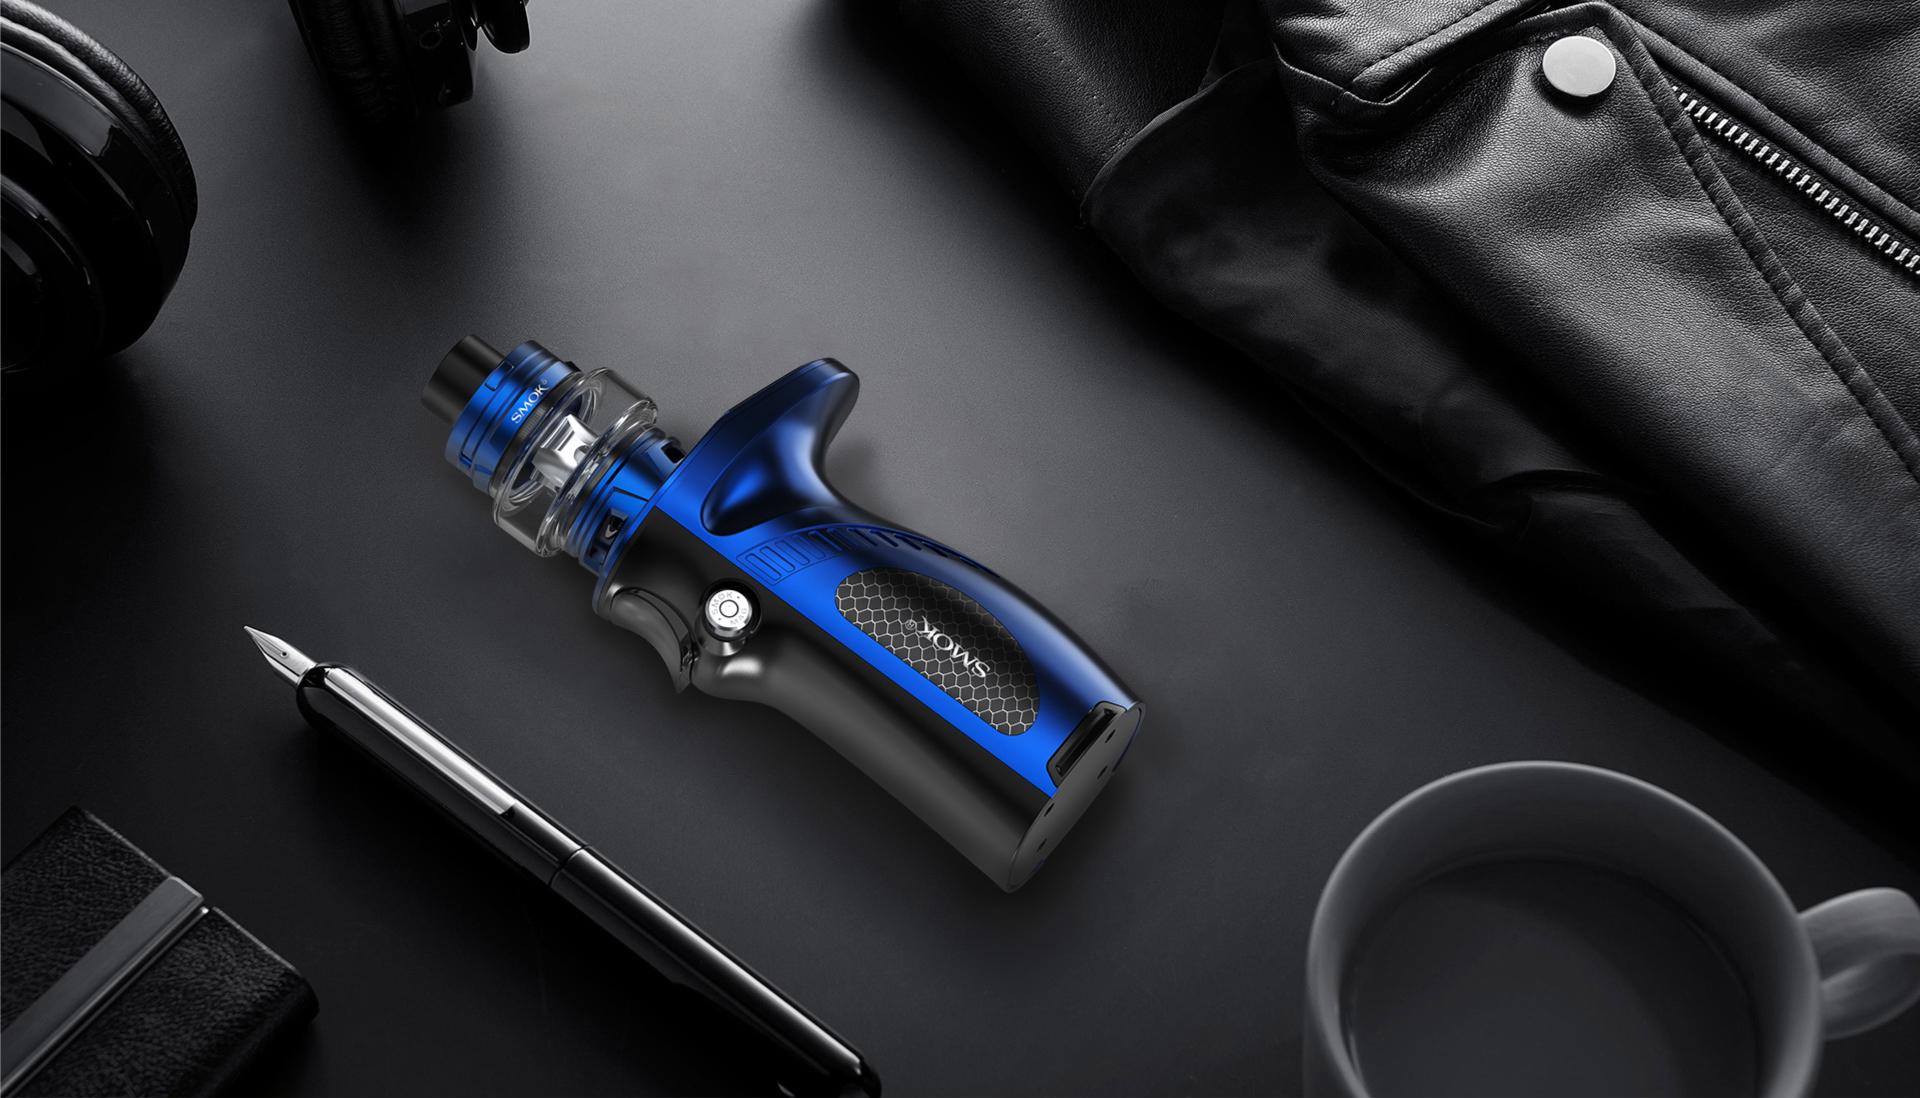 Smok Mag Grip Kit Review